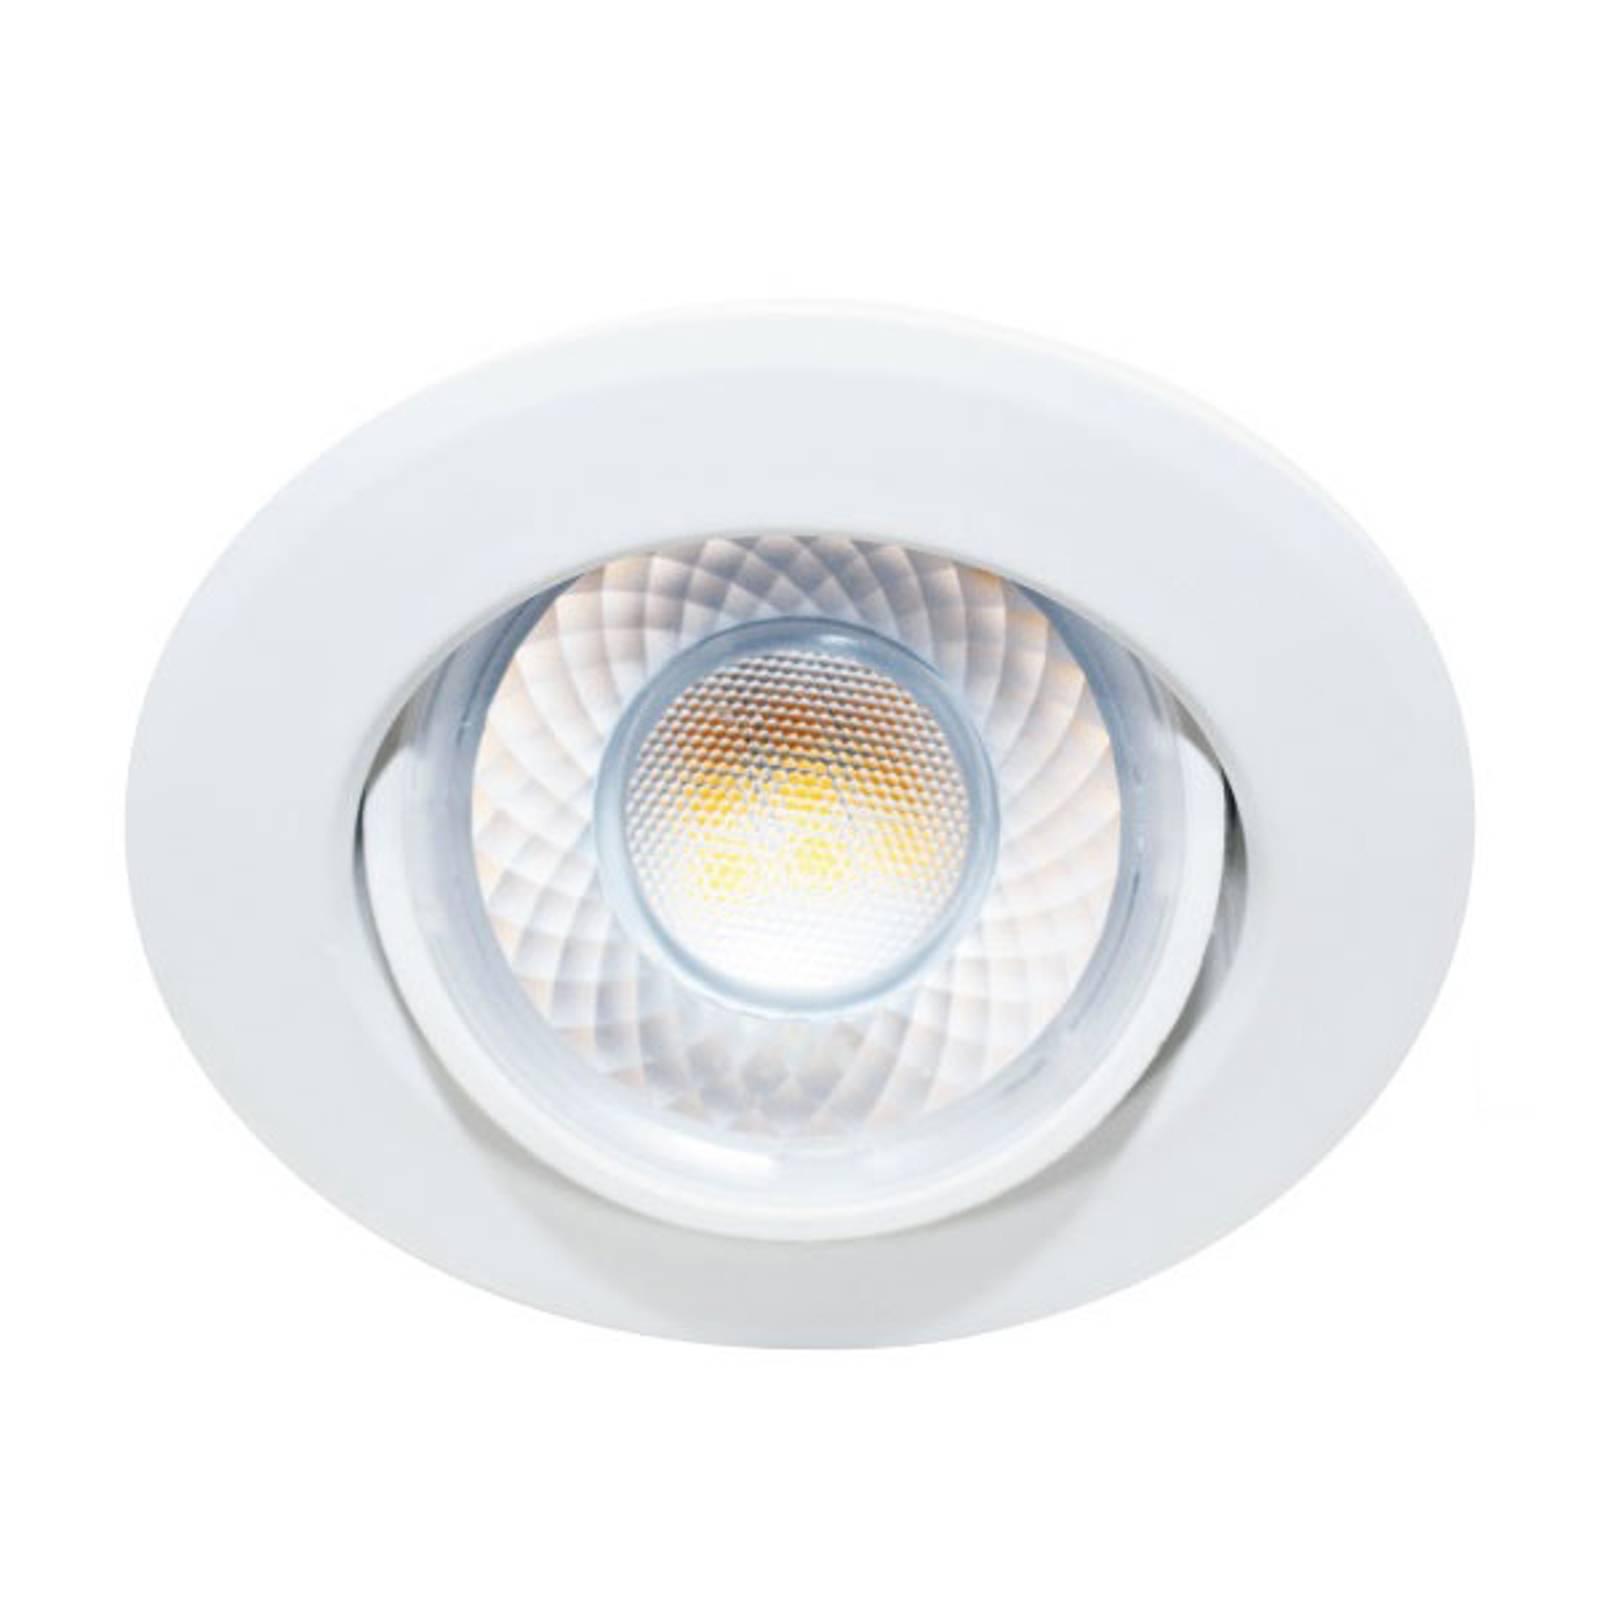 Levně BIOleDEX LEB-83R3-031 Podhledové světlo